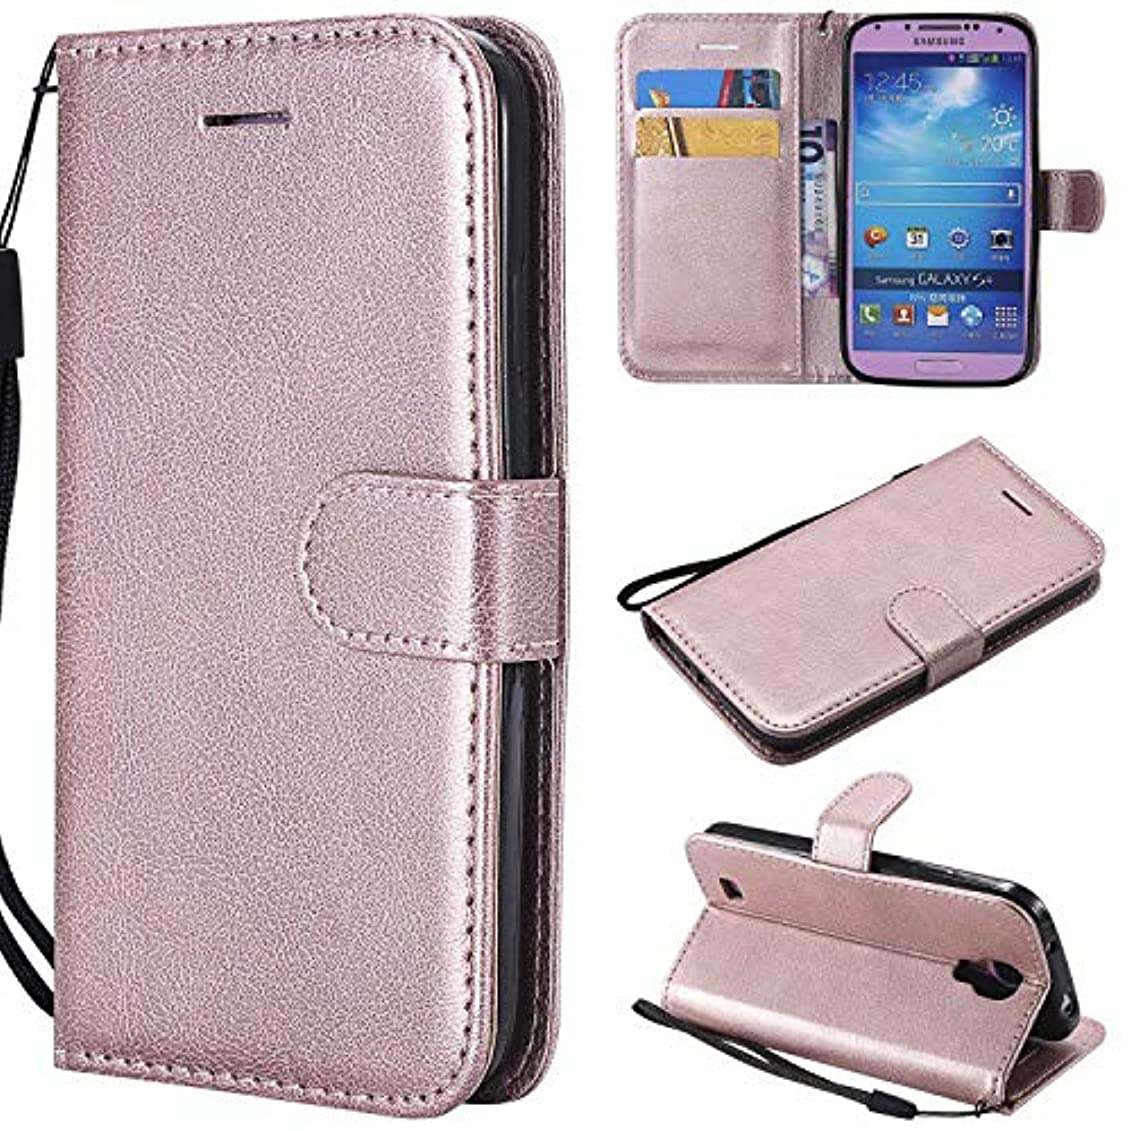 ステップいたずらオレンジGalaxy S4 ケース手帳型 OMATENTI レザー 革 薄型 手帳型カバー カード入れ スタンド機能 サムスン Galaxy S4 おしゃれ 手帳ケース (4-ローズゴールド)